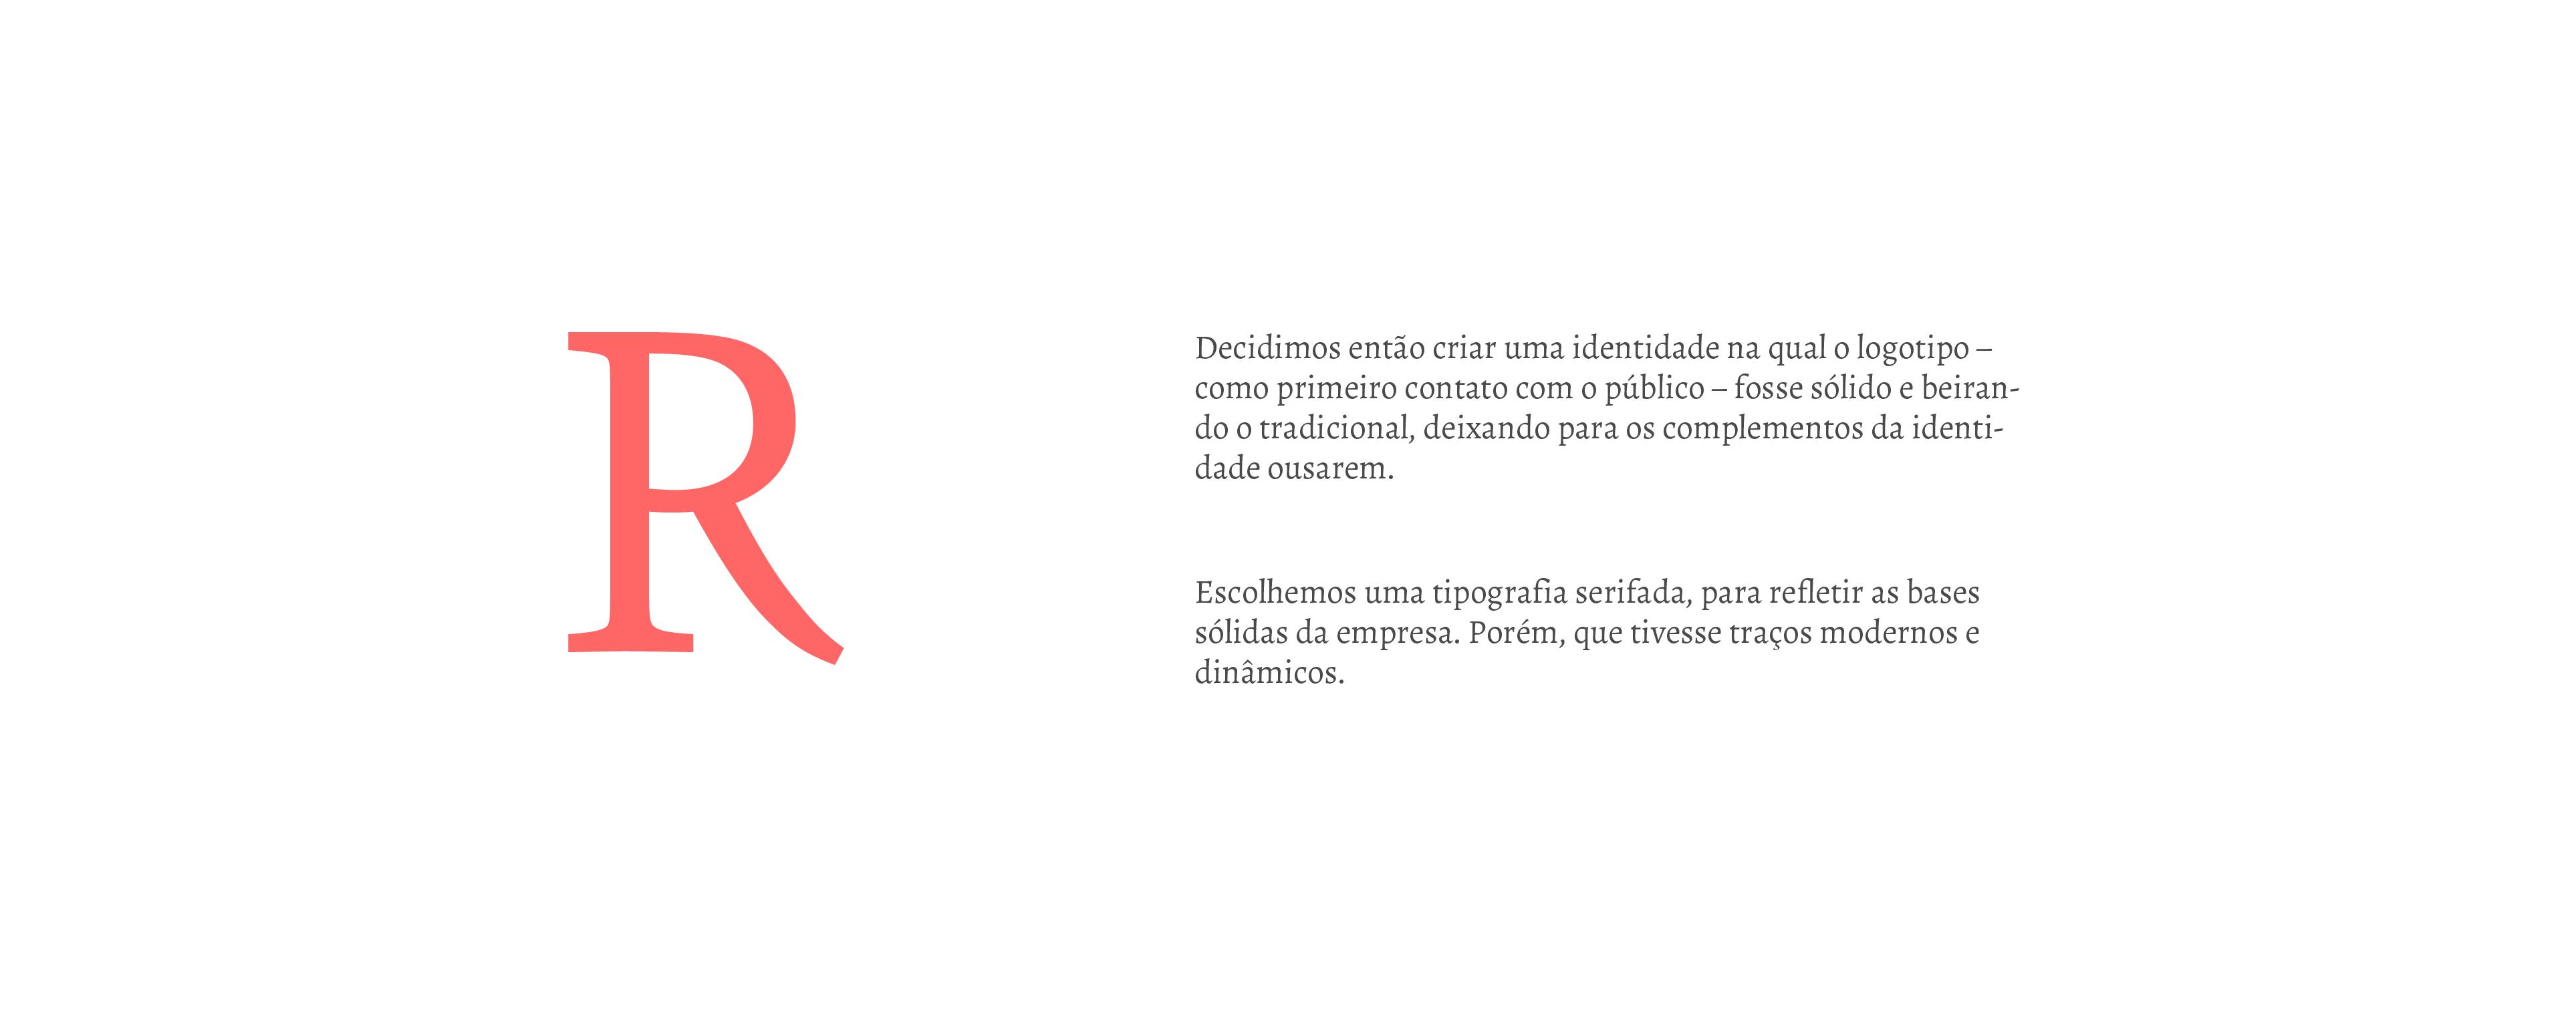 Revas tipography